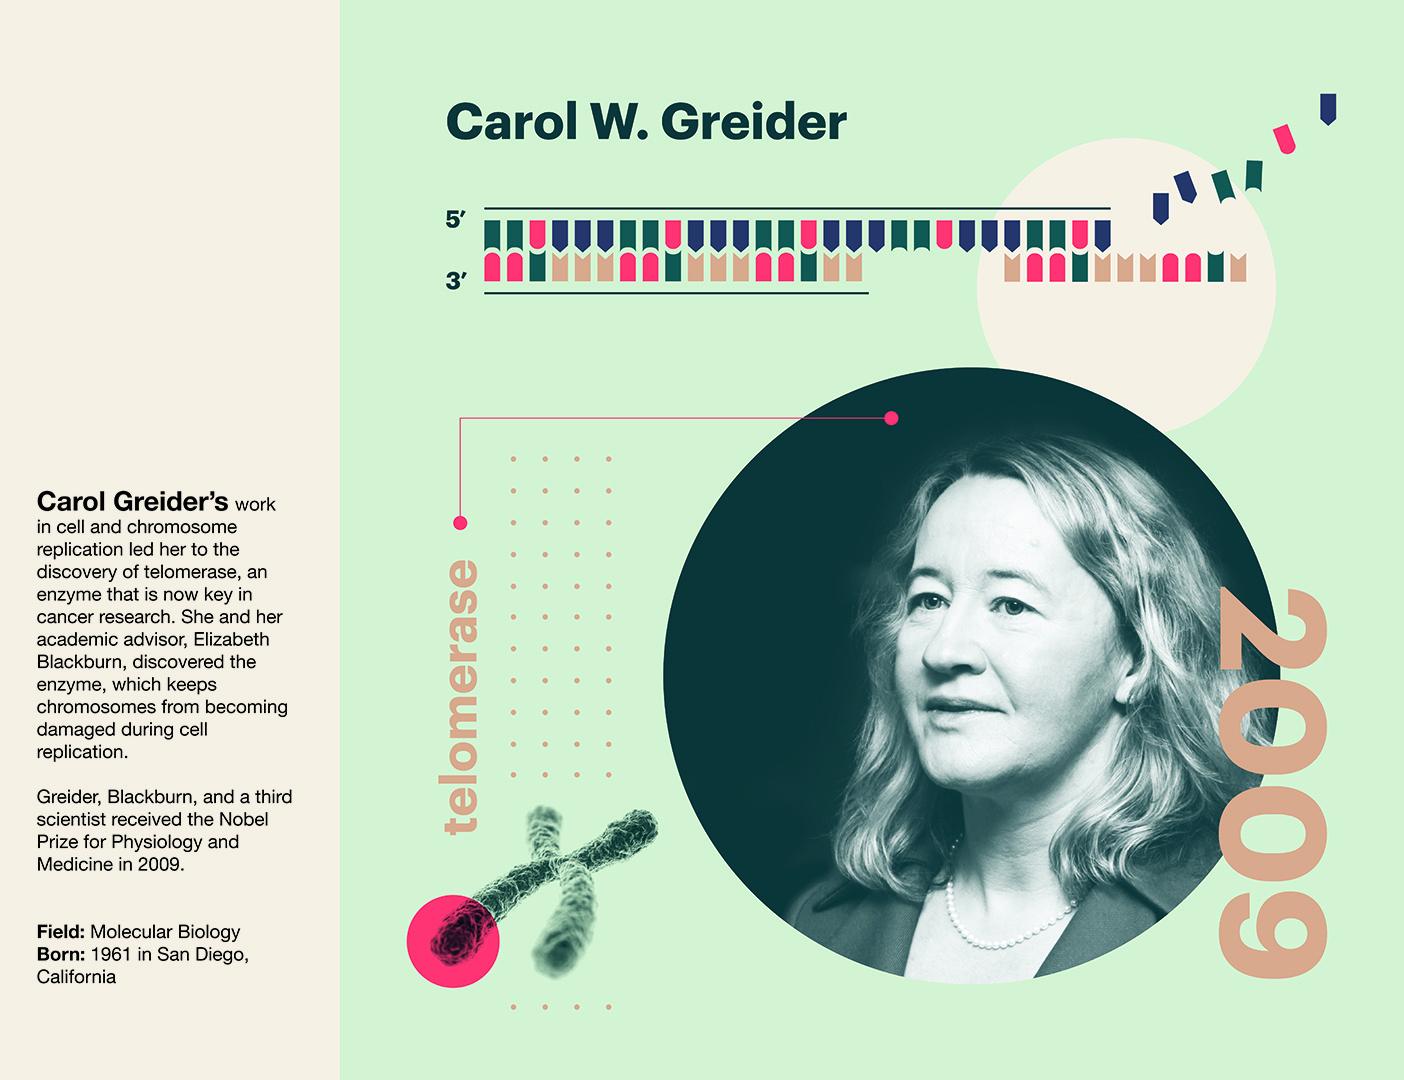 Carol W Greider